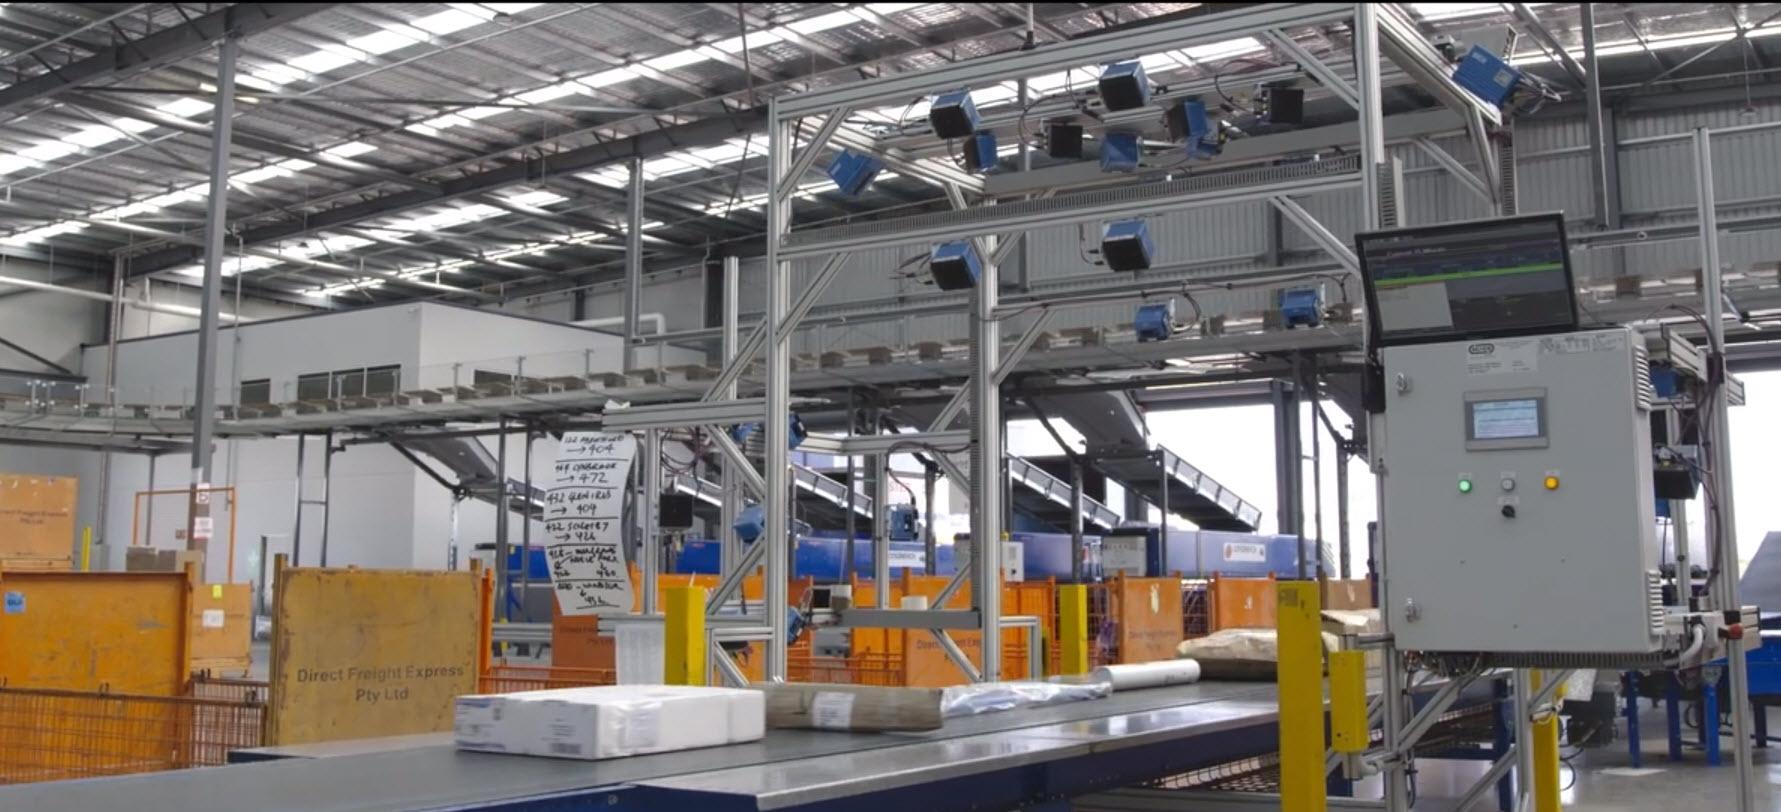 Conveyor sortation system